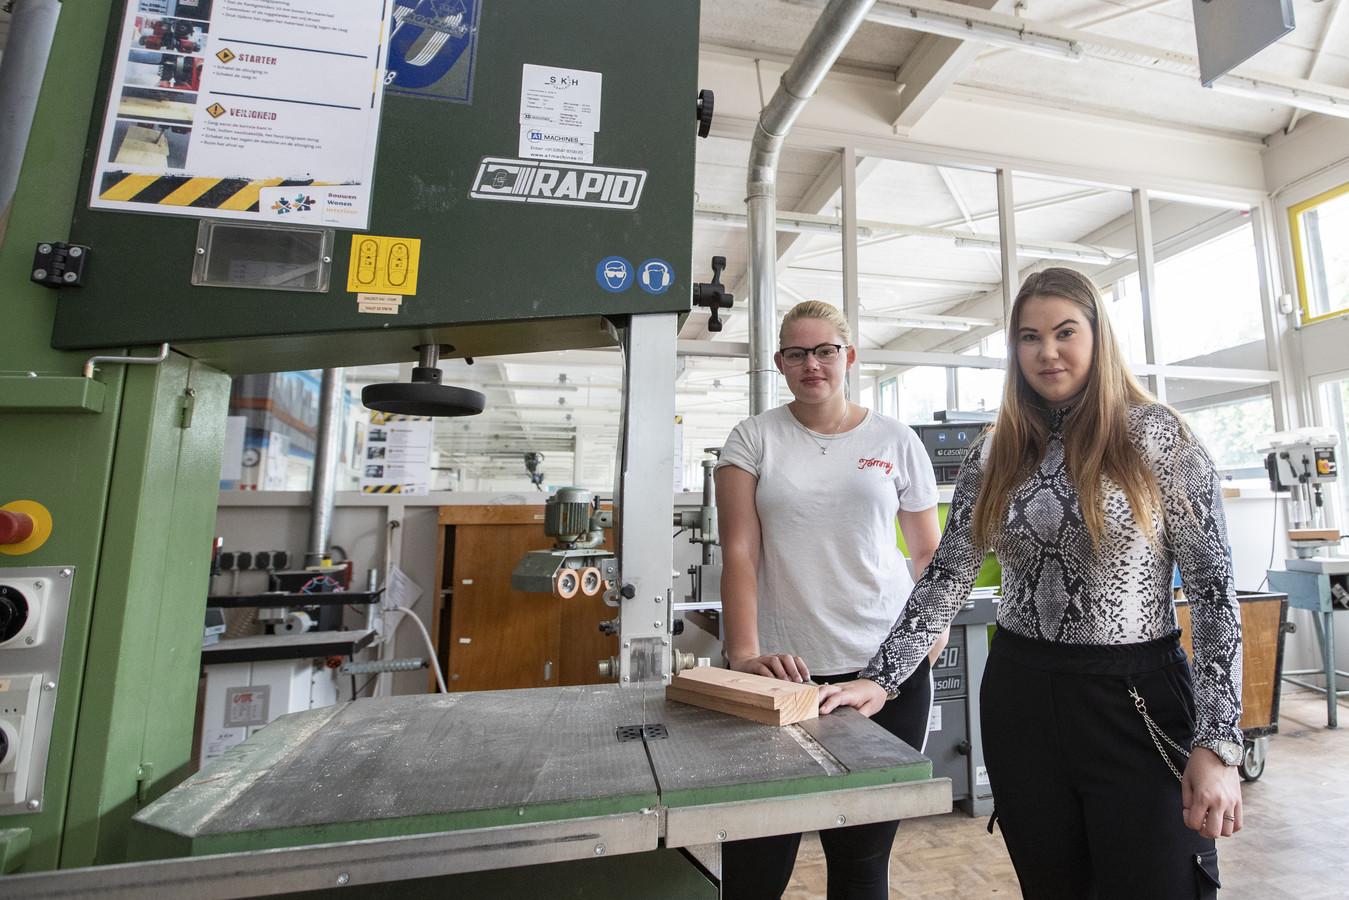 Larissa (Links) en Priscilla, de eerste twee meisjes die geslaagd zijn voor de opleiding Techniek van Het Noordik Vroomshoop.